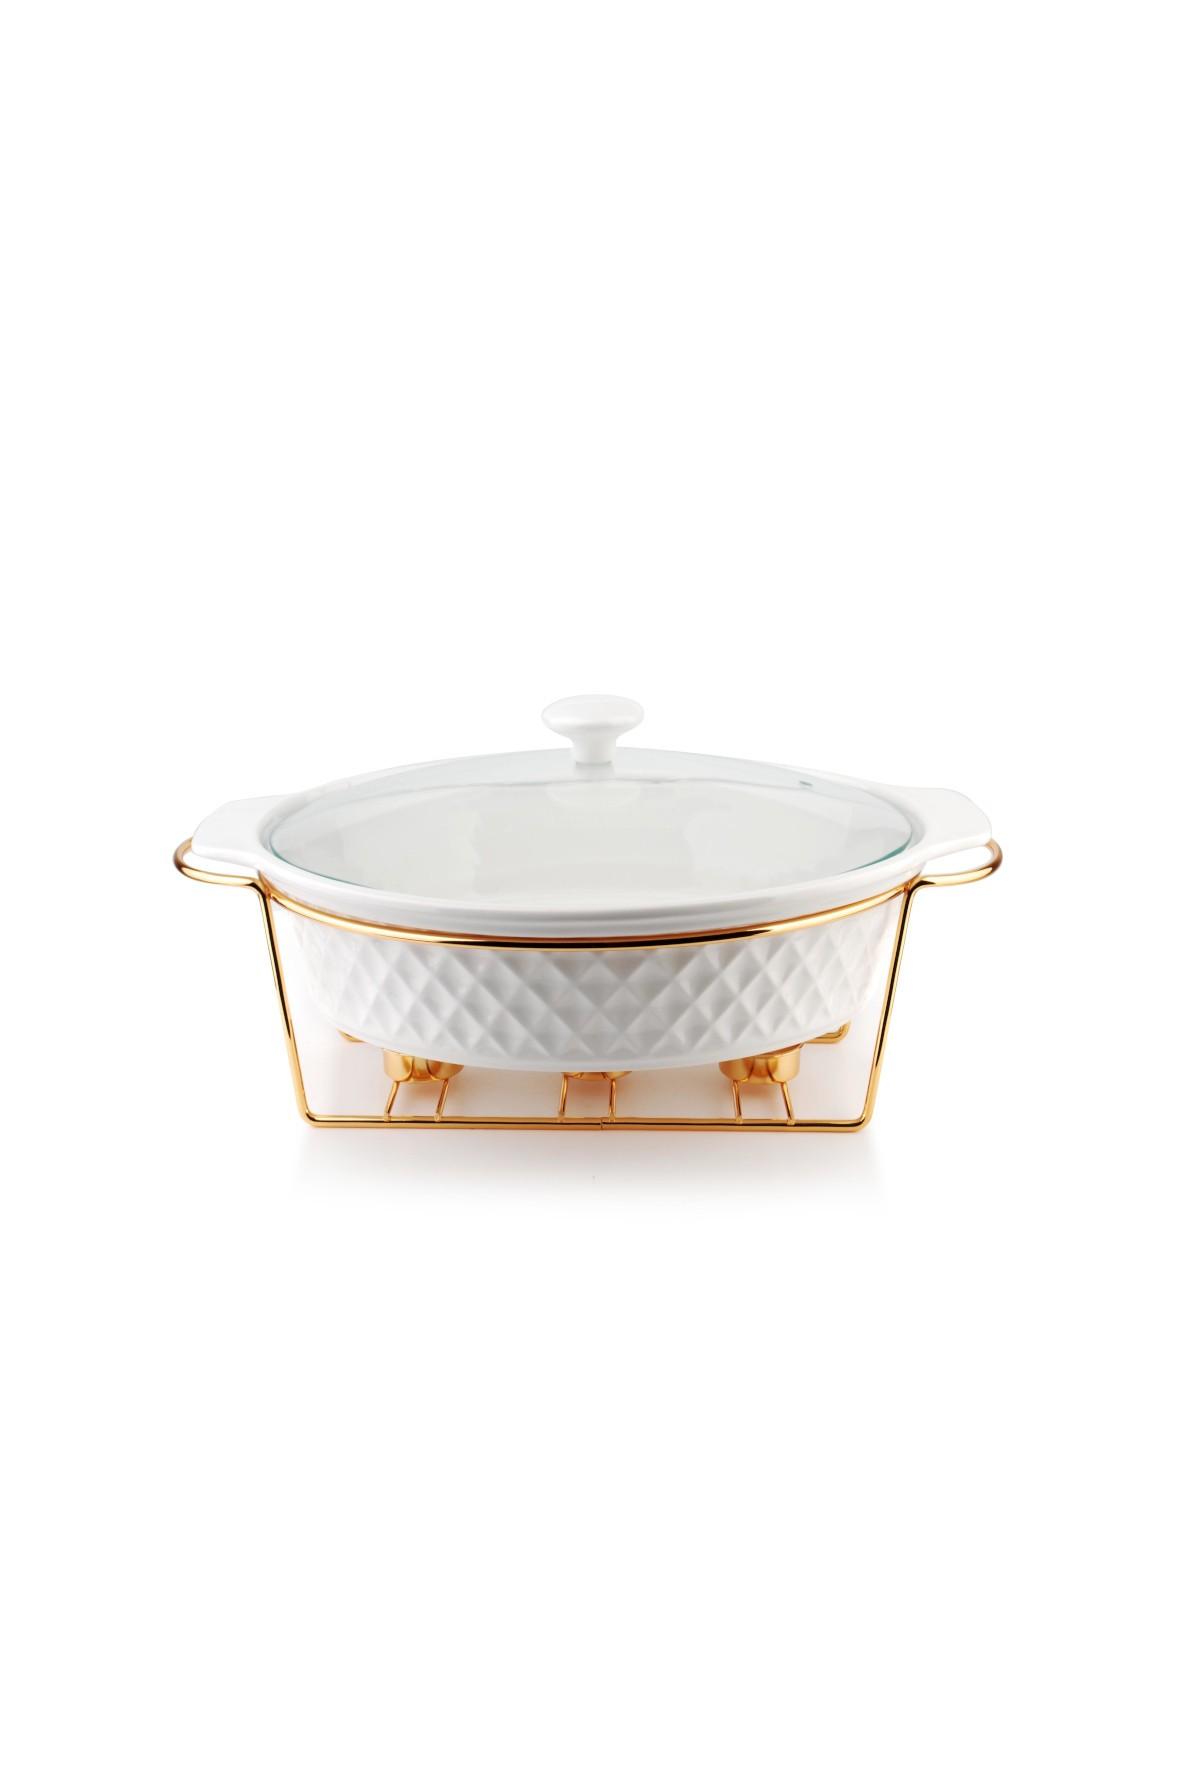 Naczynie z podgrzewaczem i pokrywą owalne DIAMENT GOLD 2,6 litra